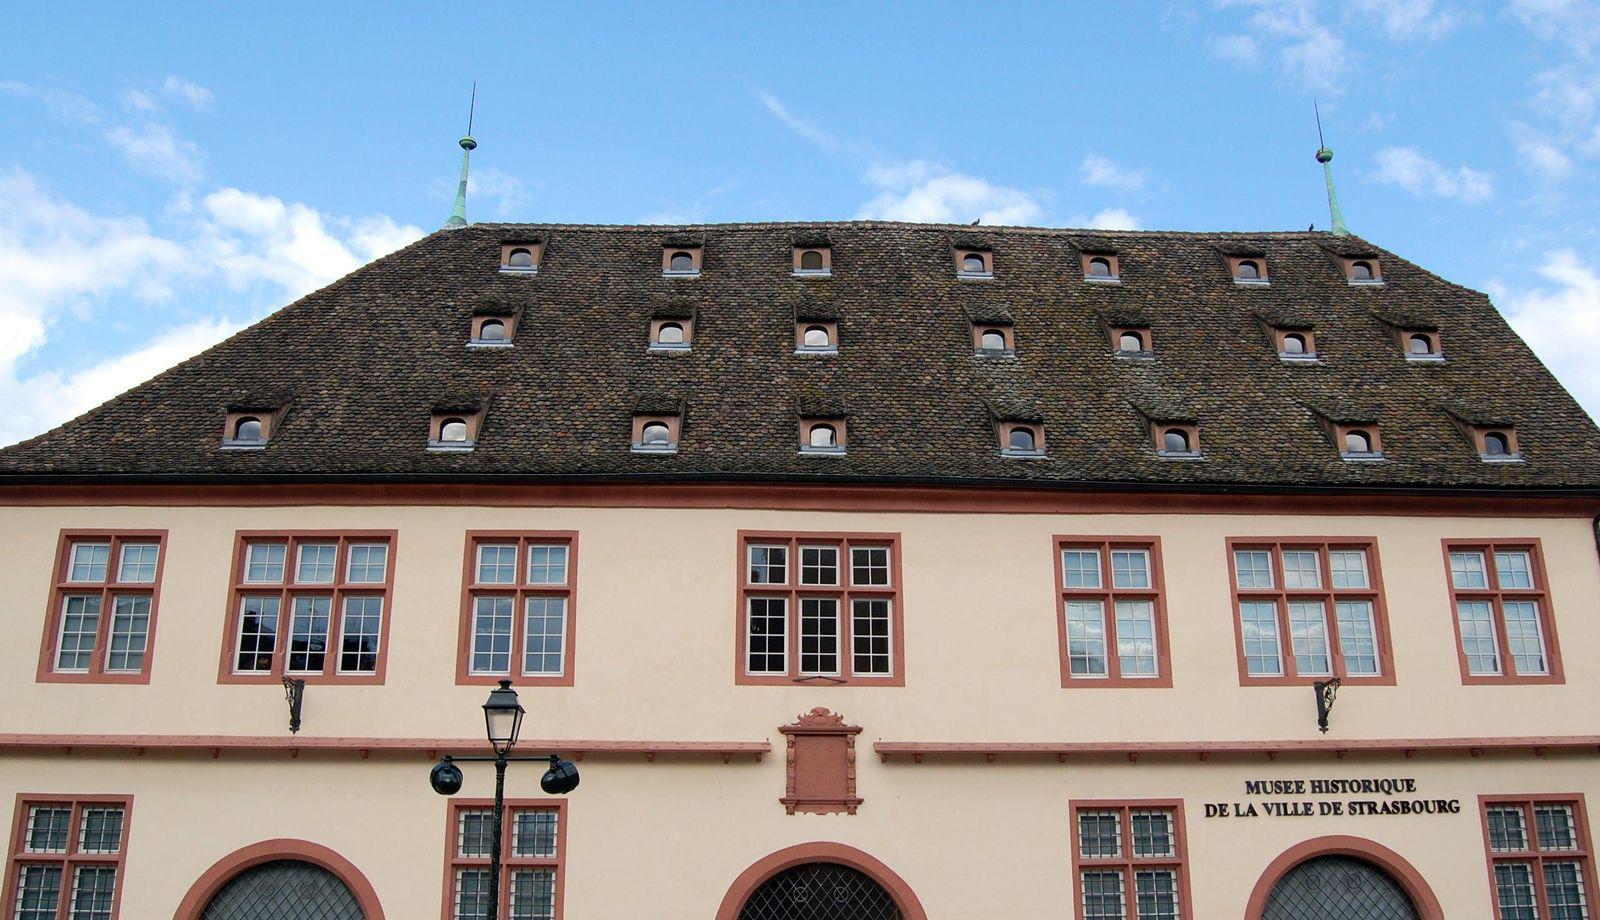 Musée historique de Ville de Strasbourg_Strasbourg